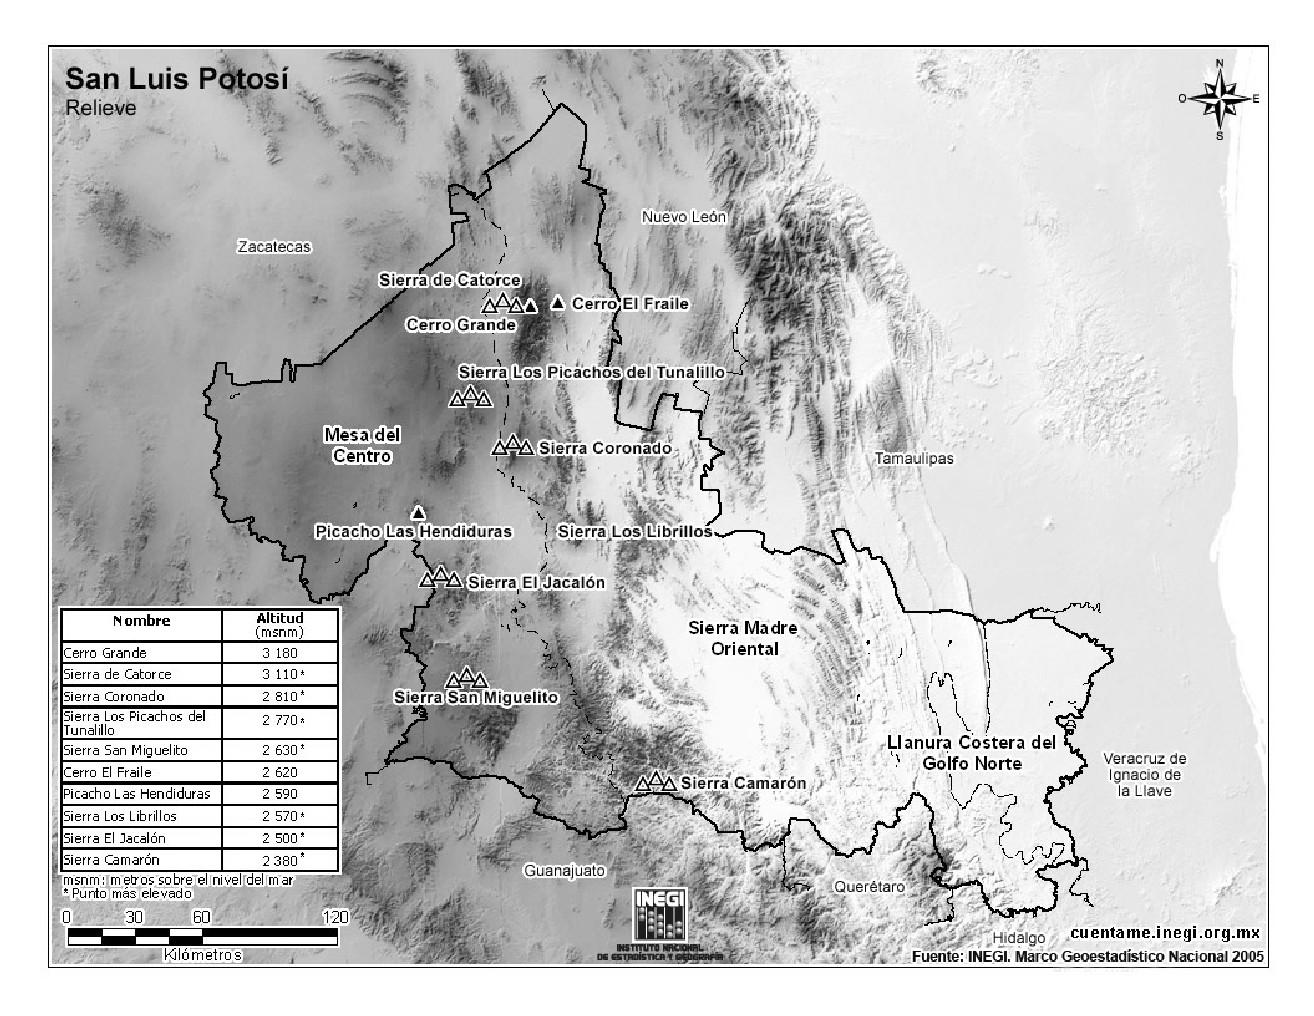 Mapa de montañas de San Luis Potosí. INEGI de México